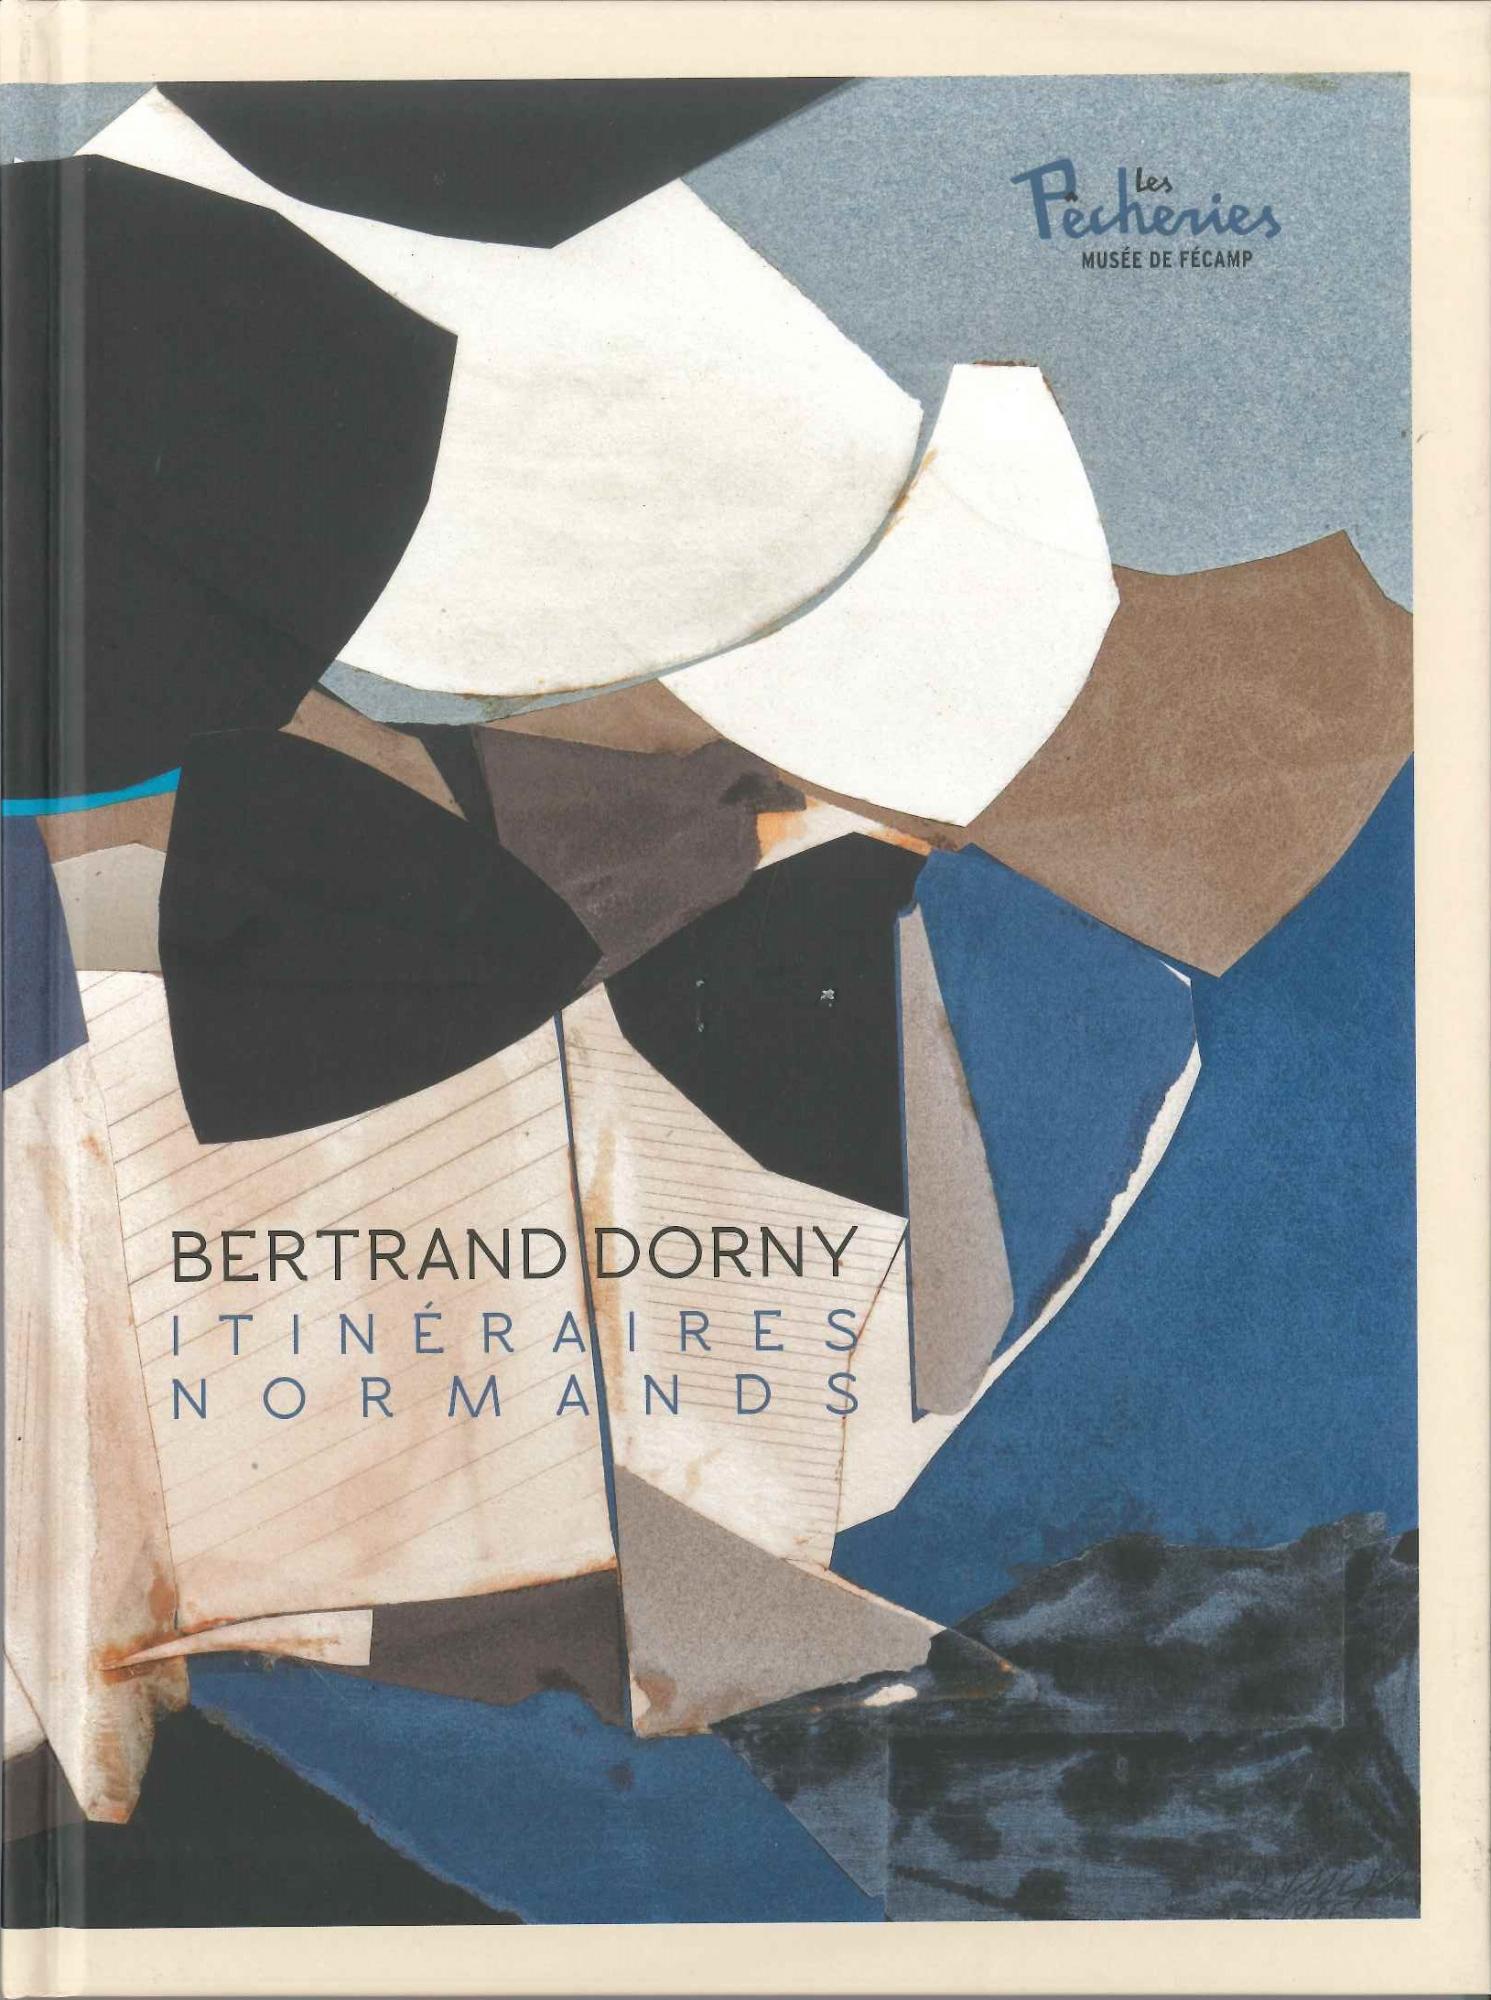 Bertrand Dorny, itinéraires normands